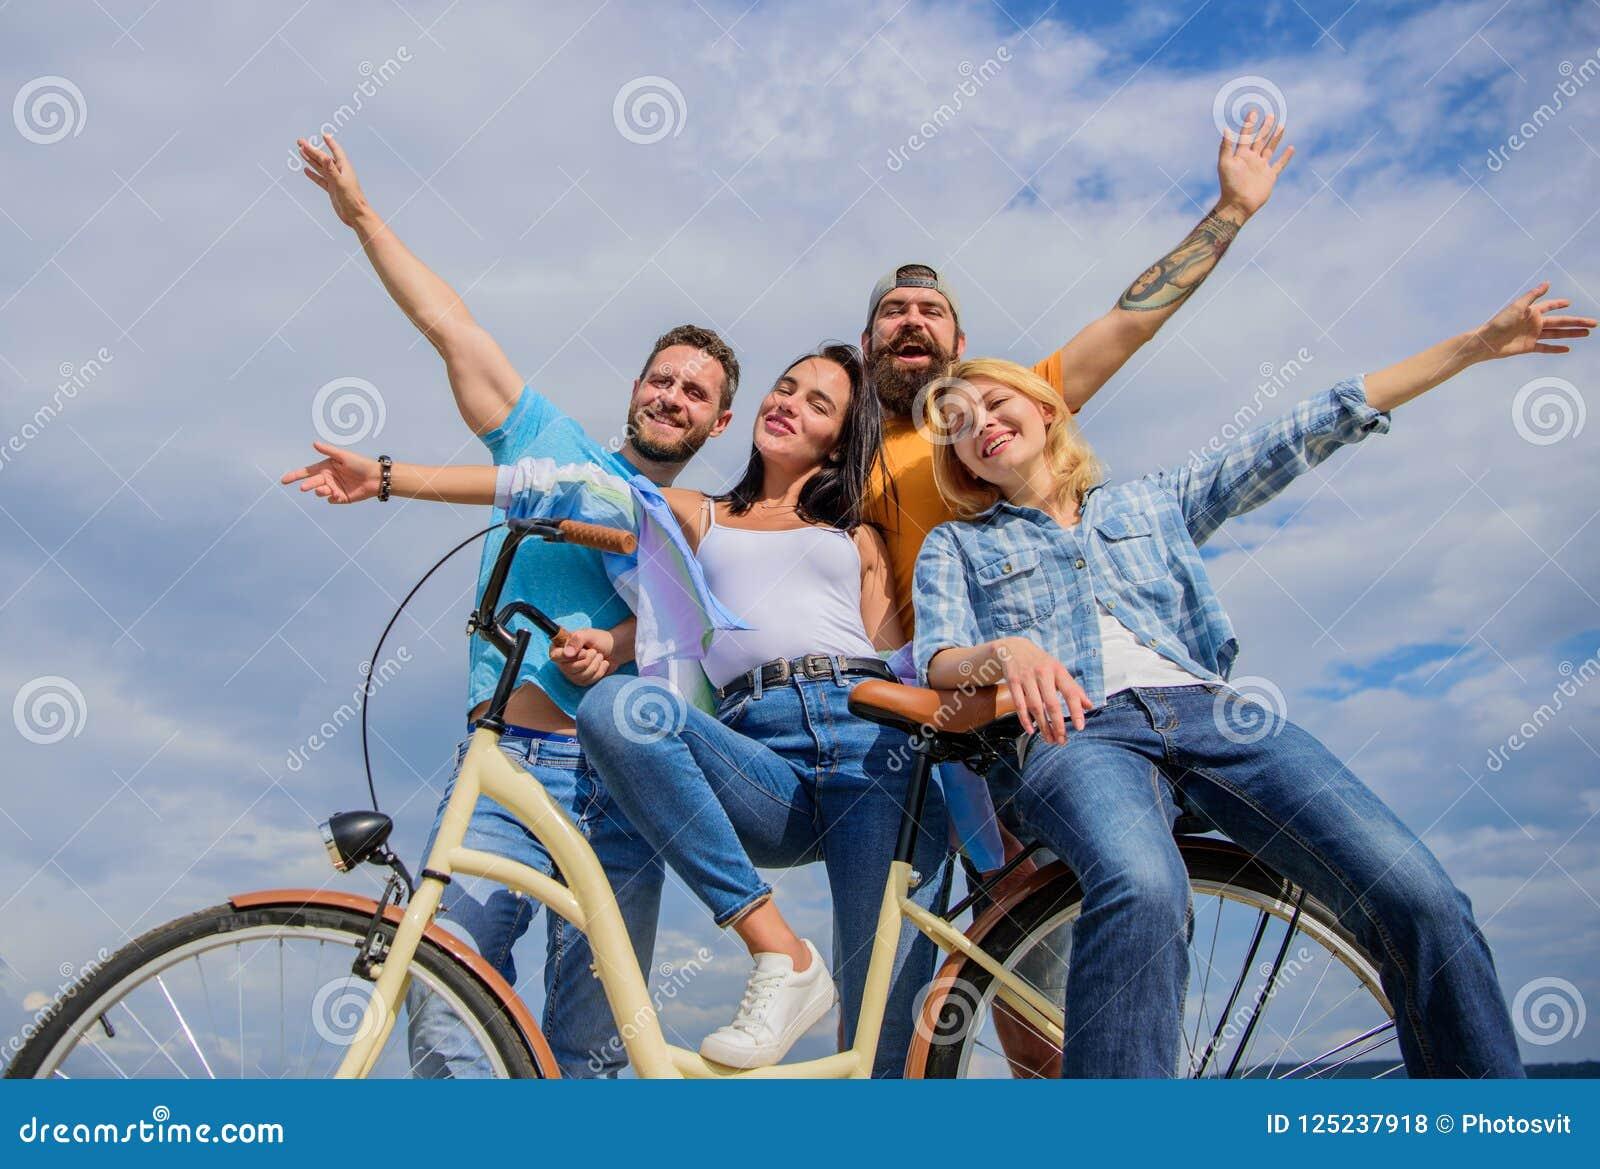 Os jovens à moda da empresa gastam o fundo do céu do lazer fora Modernidade do ciclismo e cultura nacional Bicicleta como